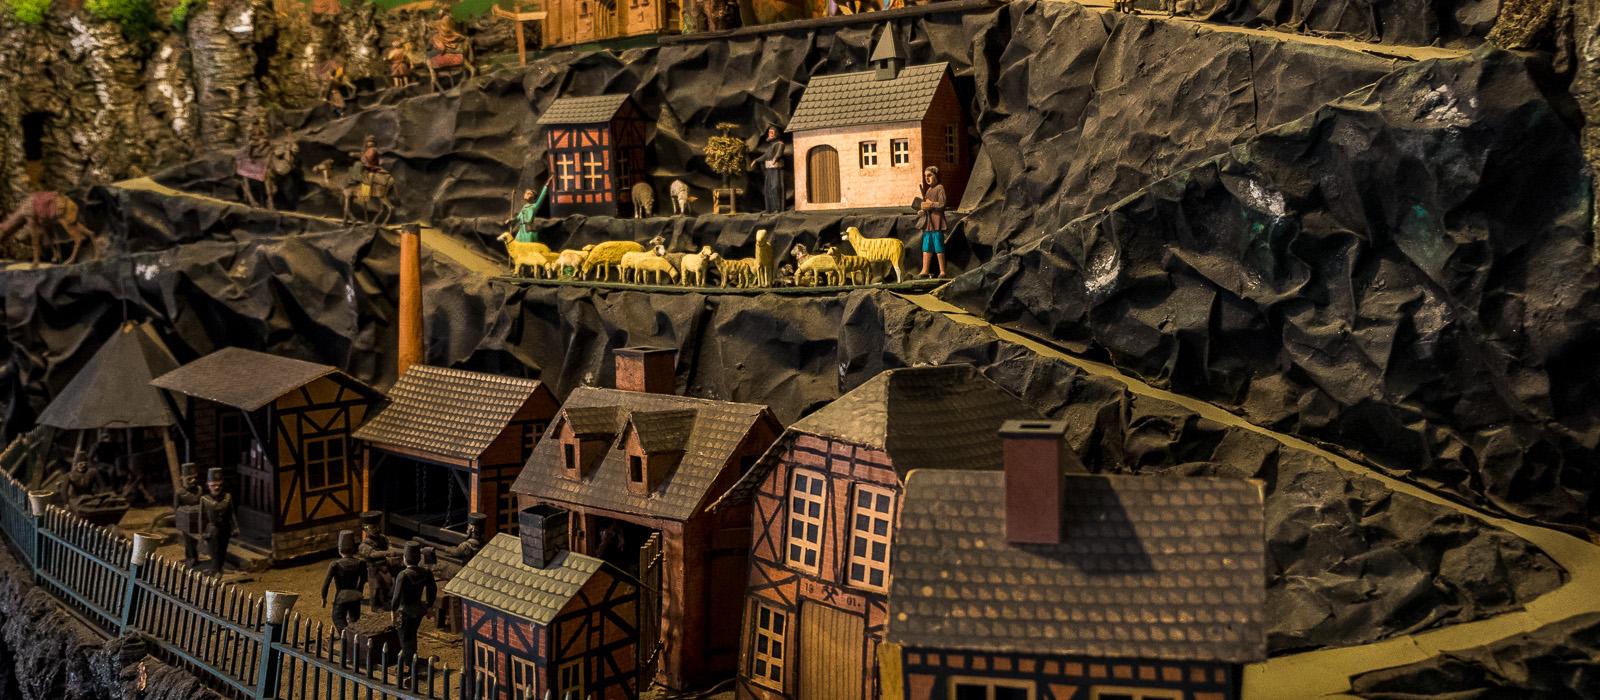 Saksonia górnicza: przewodnik